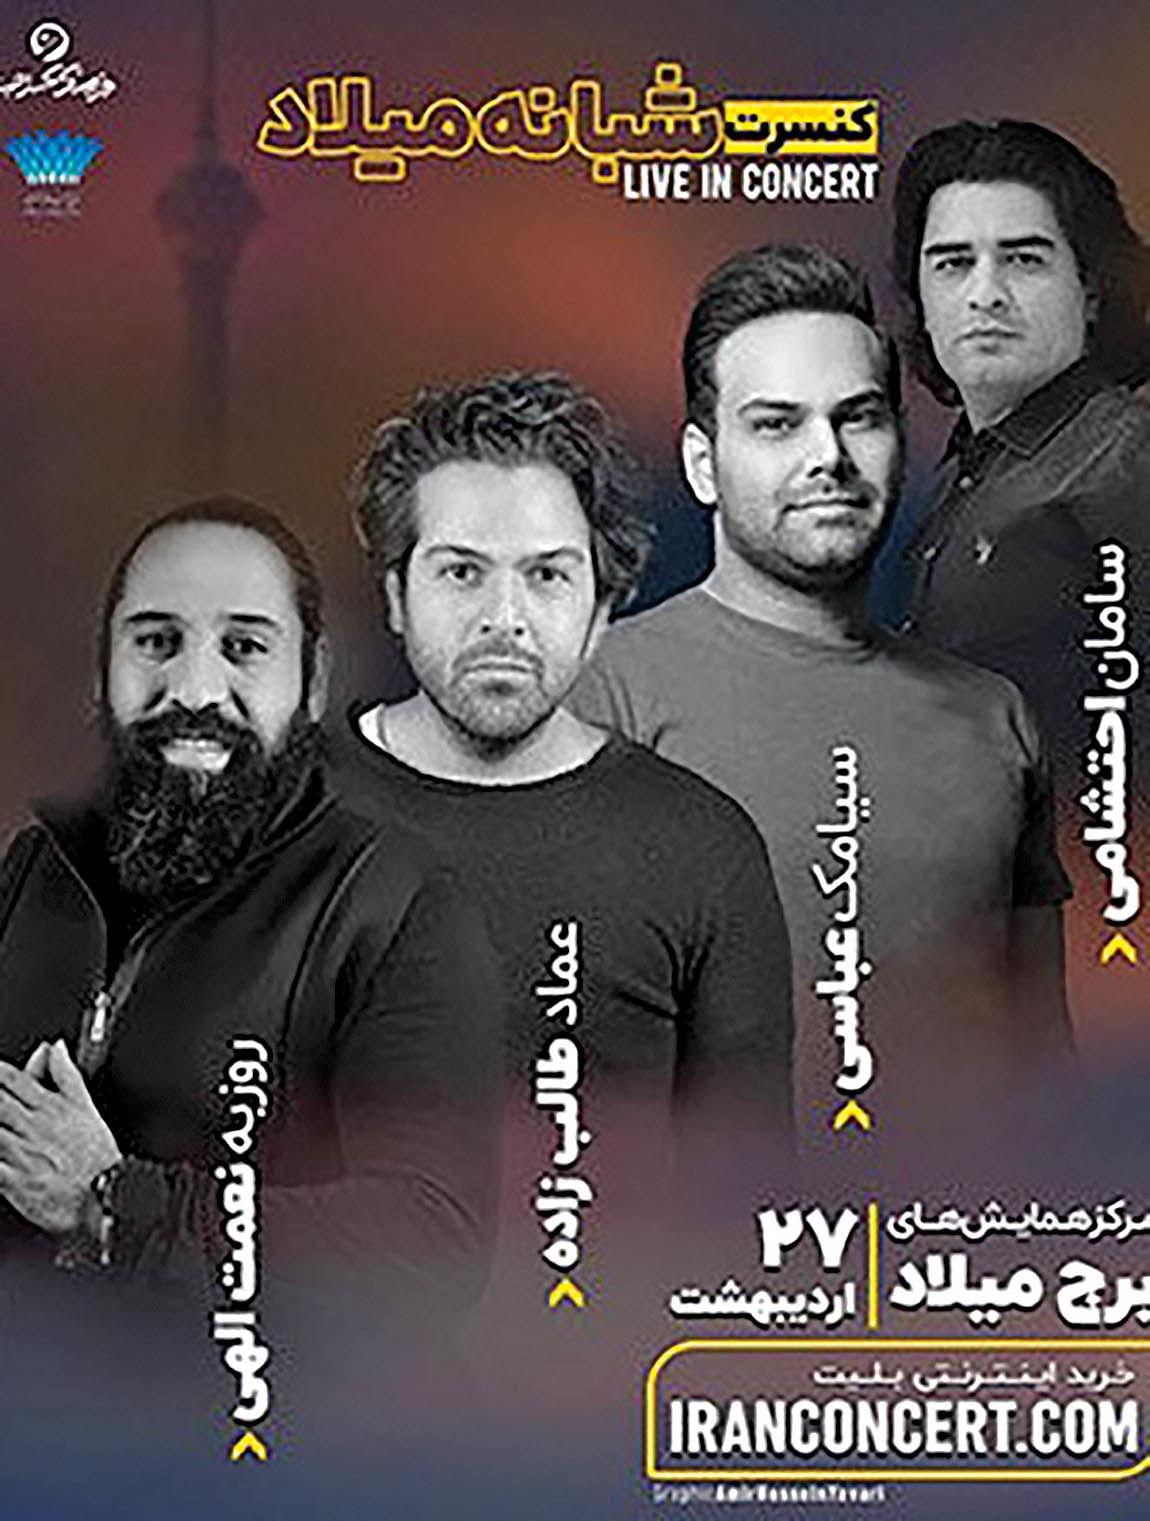 کنسرت سه خواننده پاپ با نوازندگی سامان احتشامی